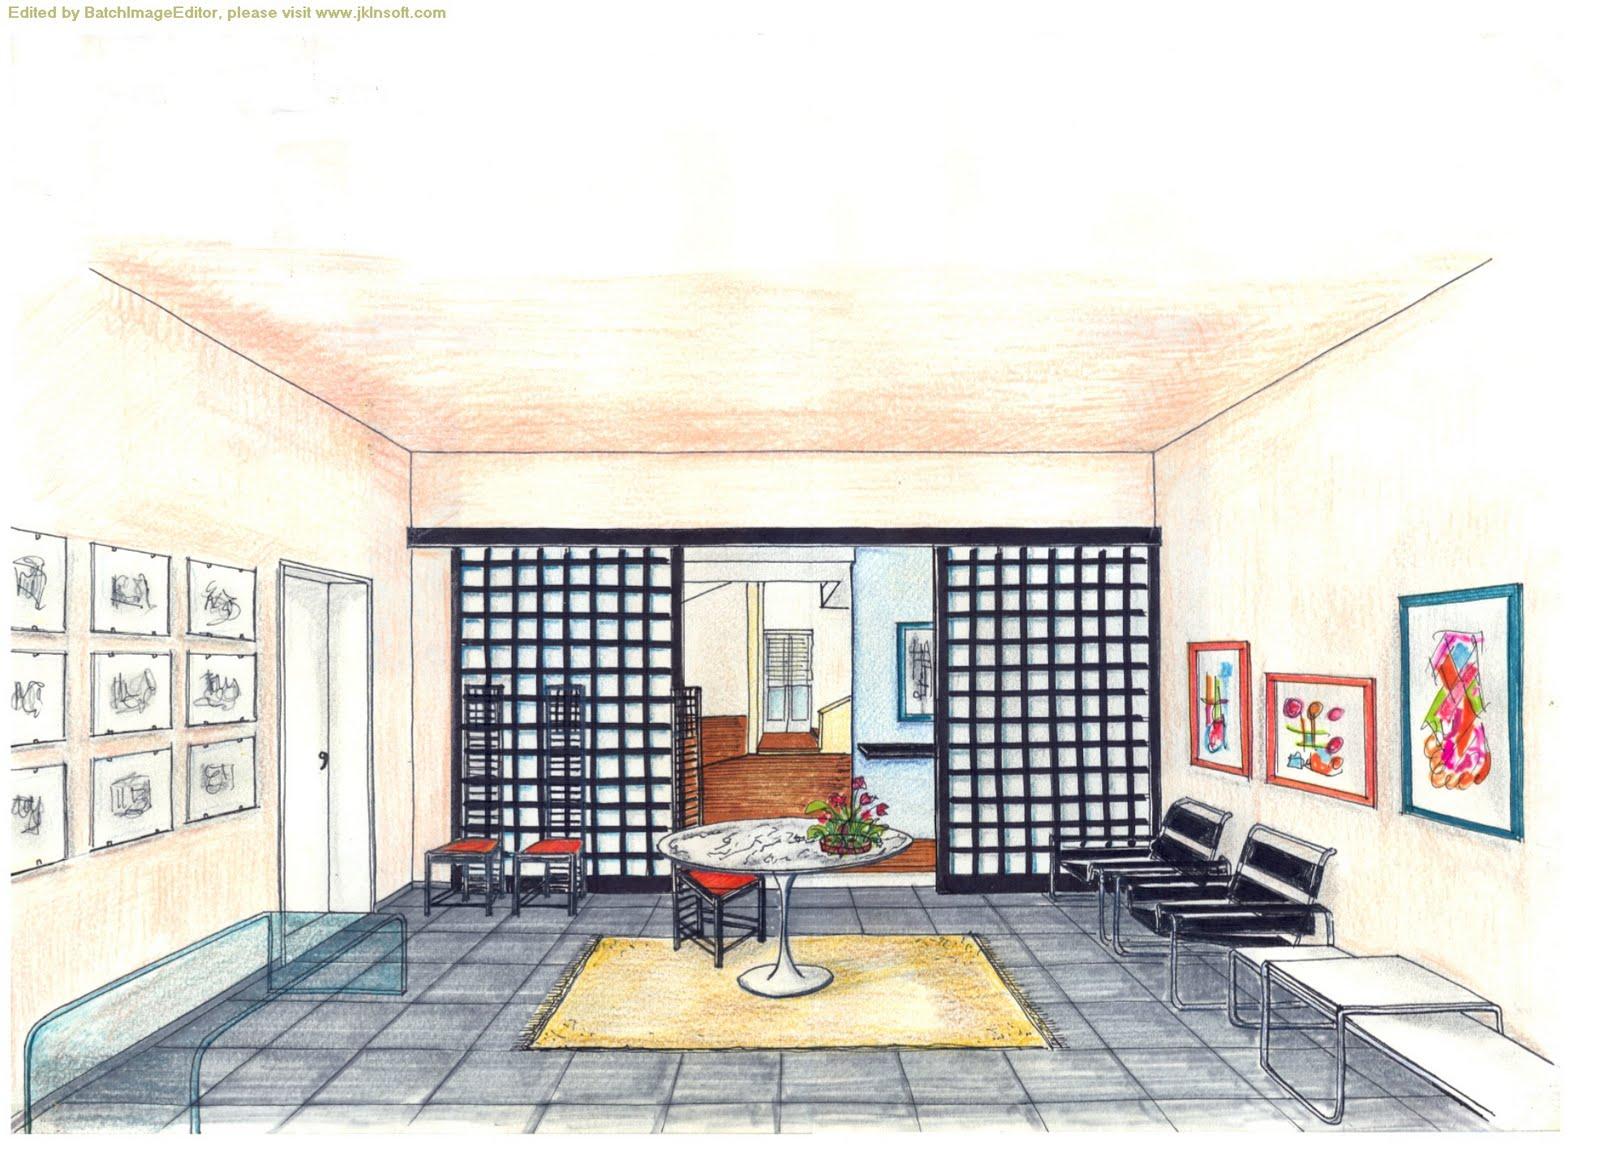 Solo alla luce della luna progetto per la mia casa for Come posso progettare la mia casa